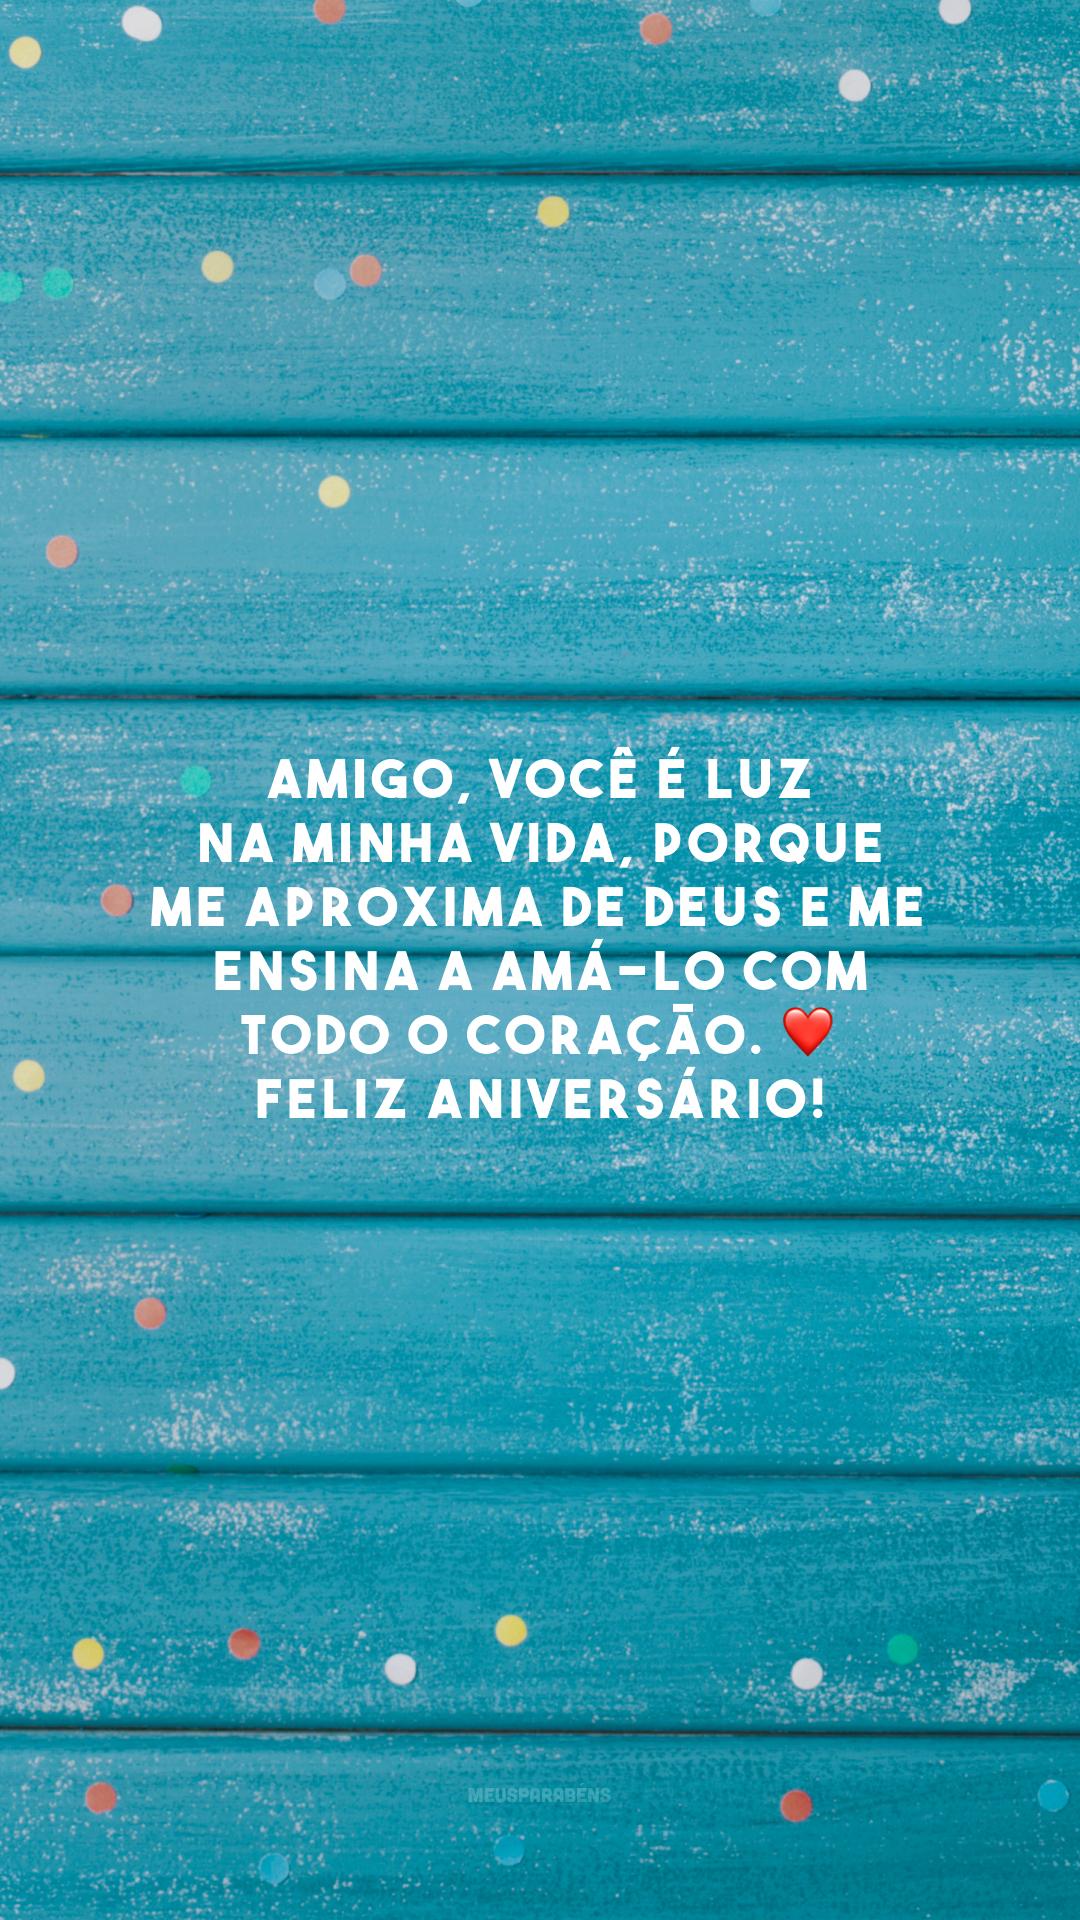 Amigo, você é luz na minha vida, porque me aproxima de Deus e me ensina a amá-lo com todo o coração. ❤️ Feliz aniversário!